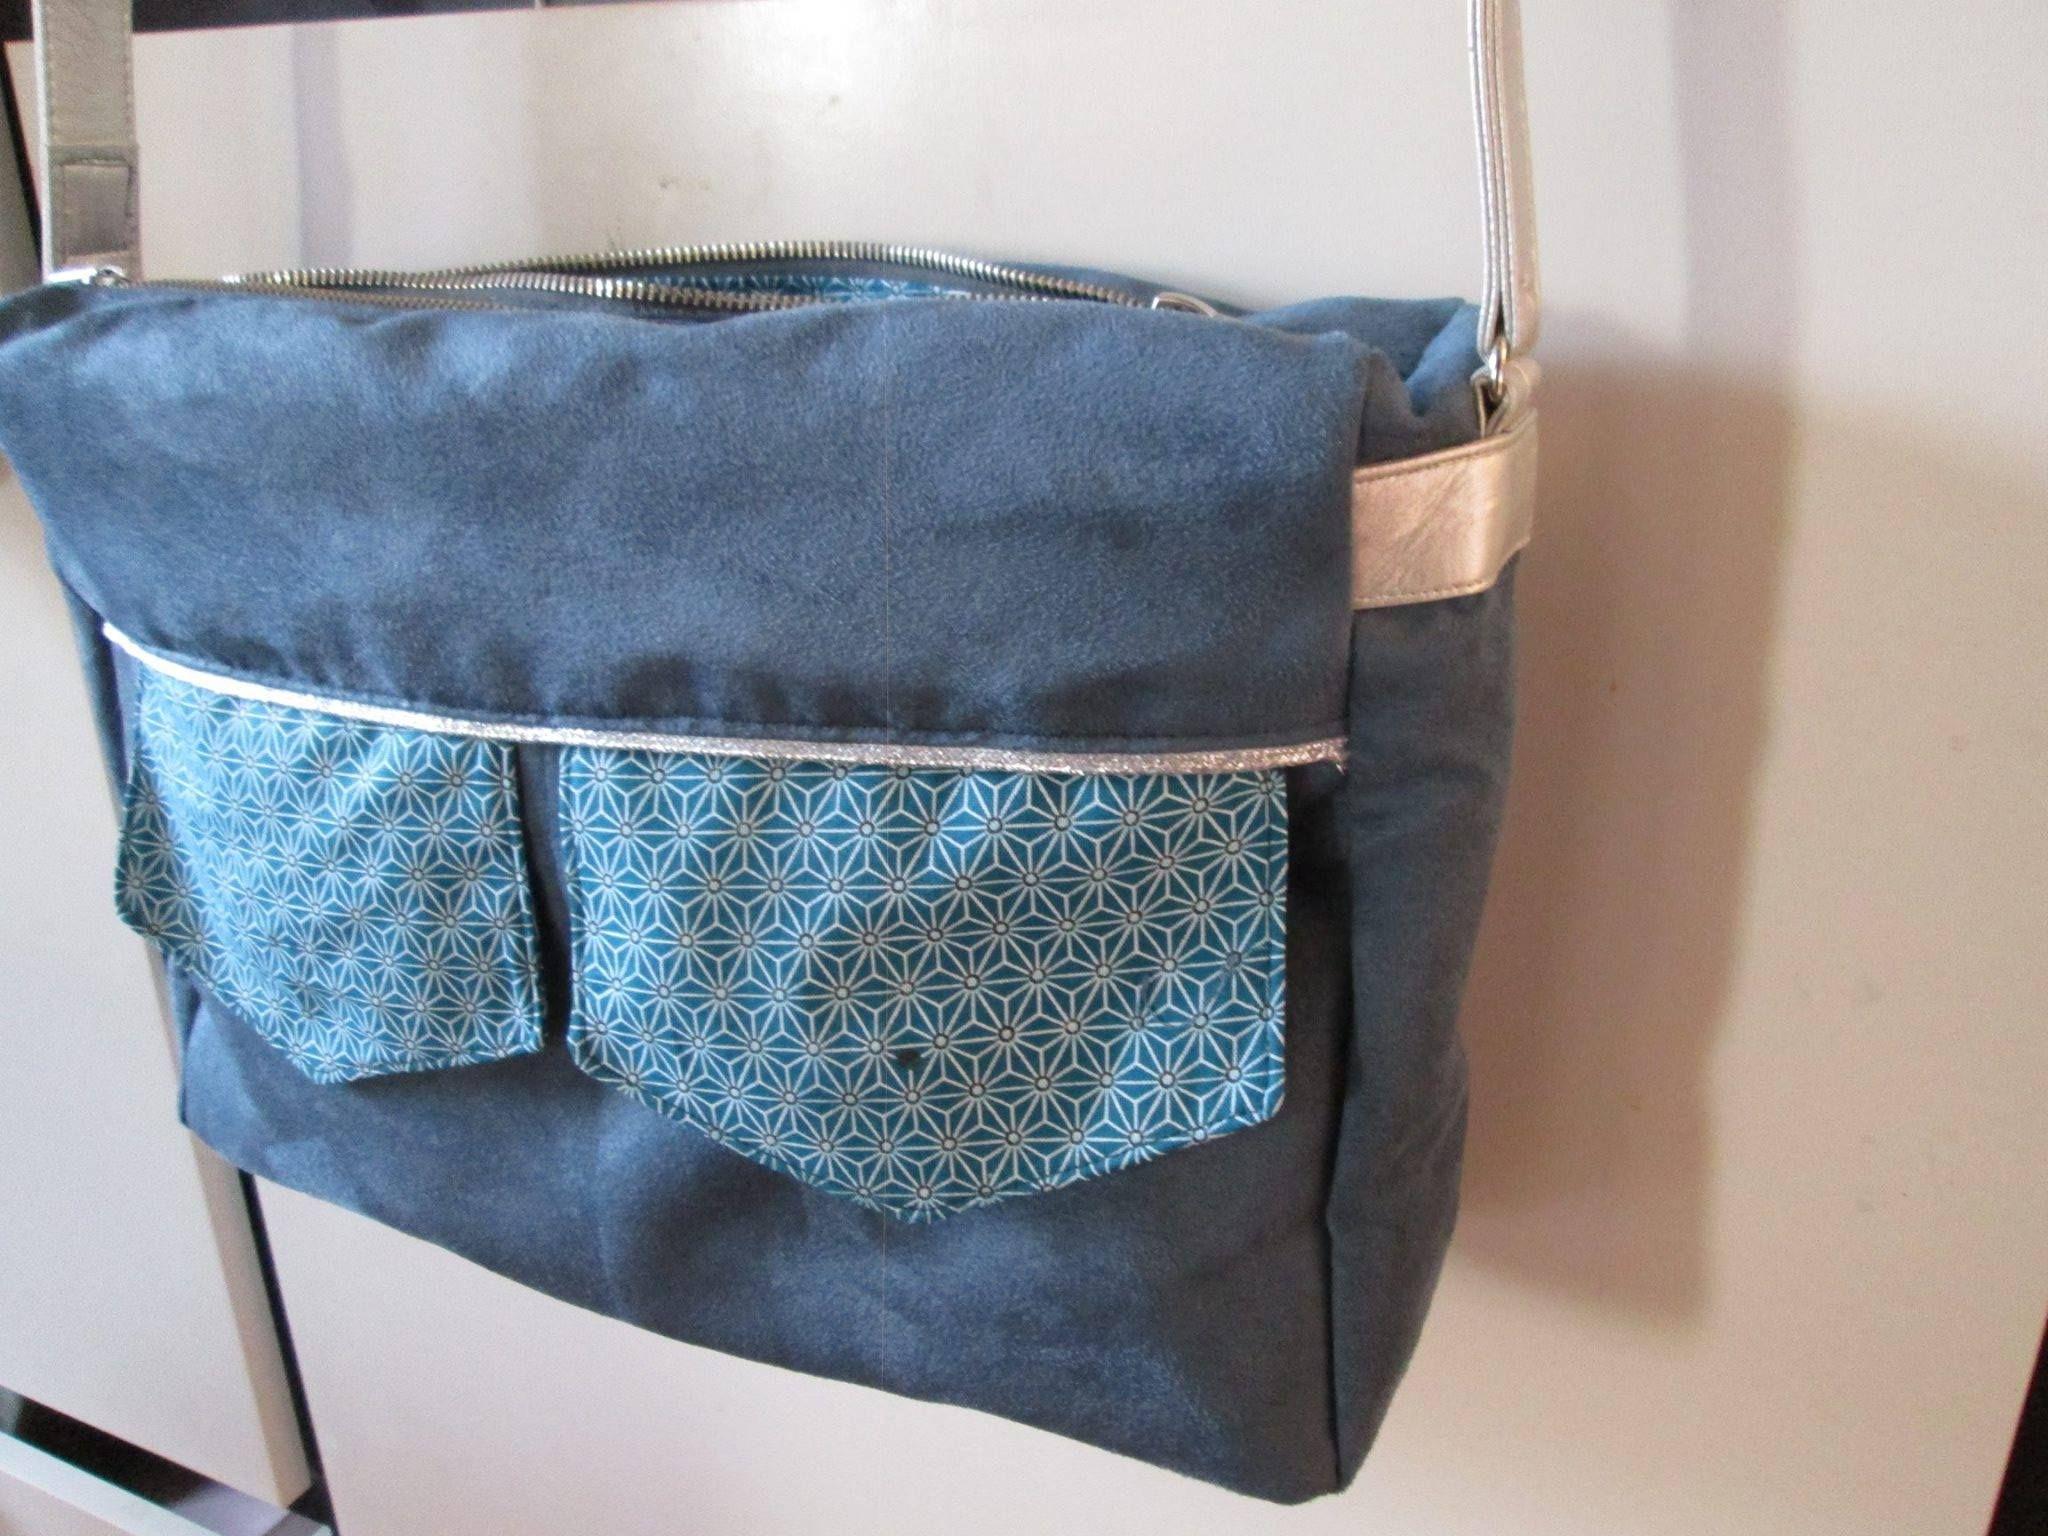 Besace Zip-Zip cousue par Mariposa en suédine et imprimé saki - Patron de couture Sacôtin